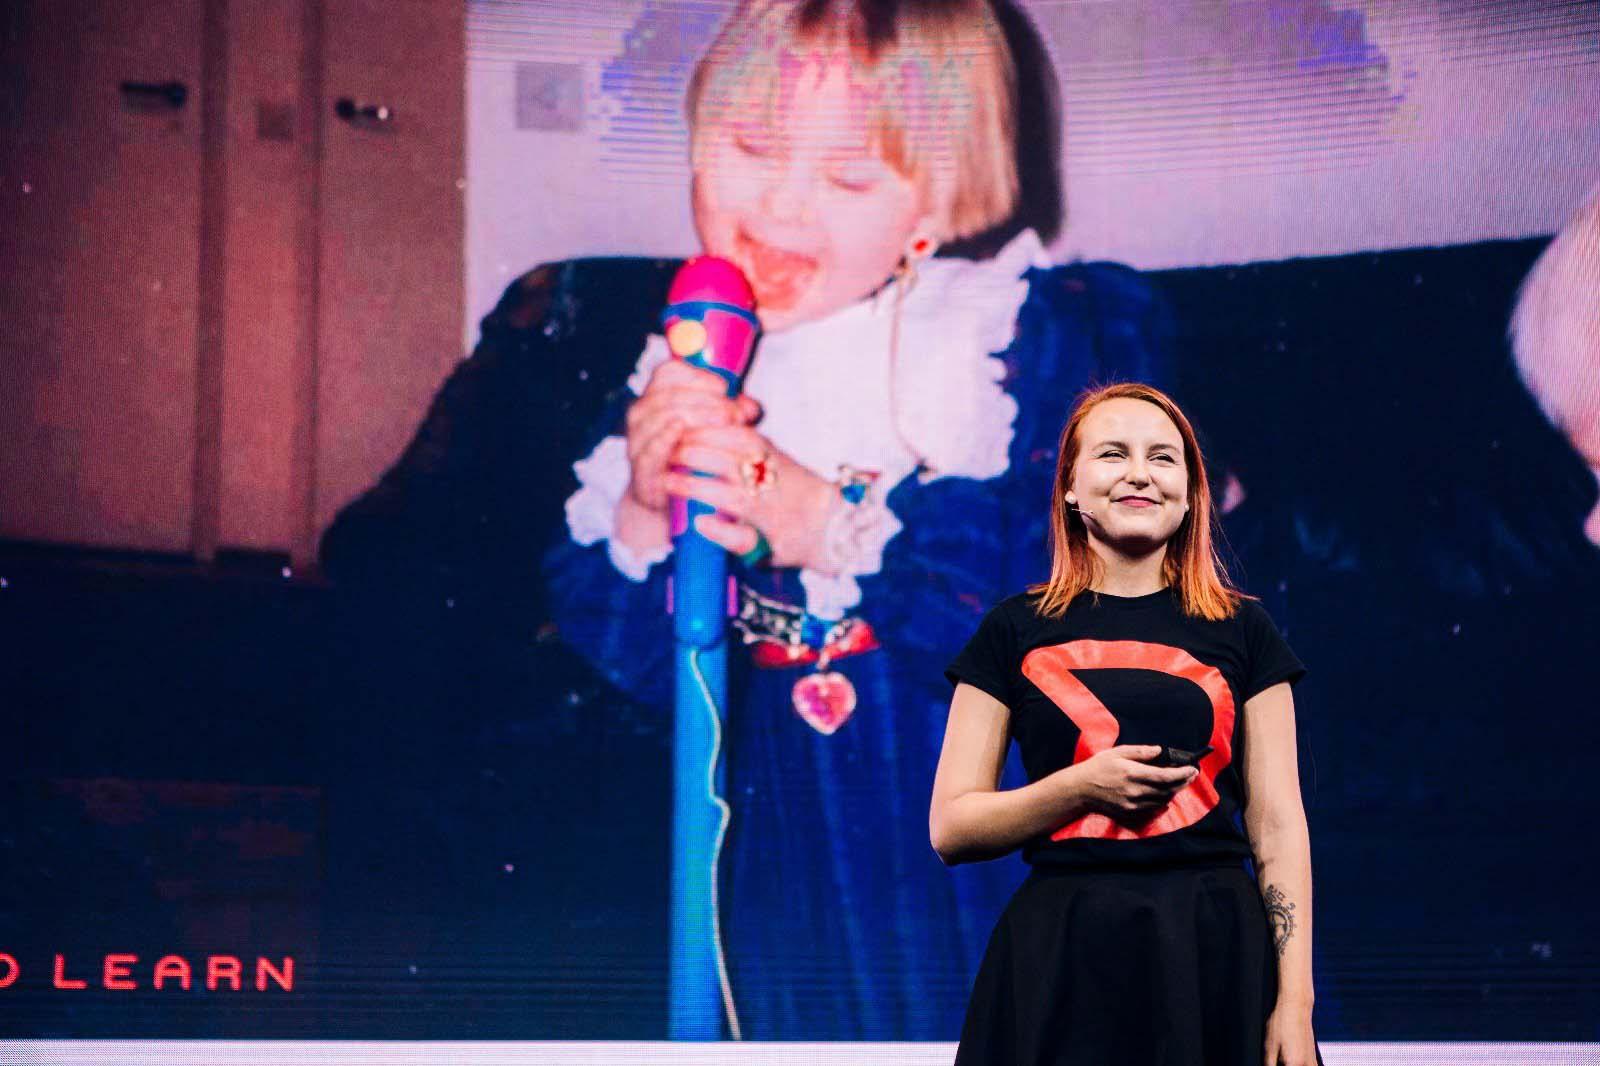 안니 크루타스(Anni Klutas)가 Dare to Learn을 이끈 청년들에게 감사의 메시지를 전달하고 있습니다. ©Dare to Learn